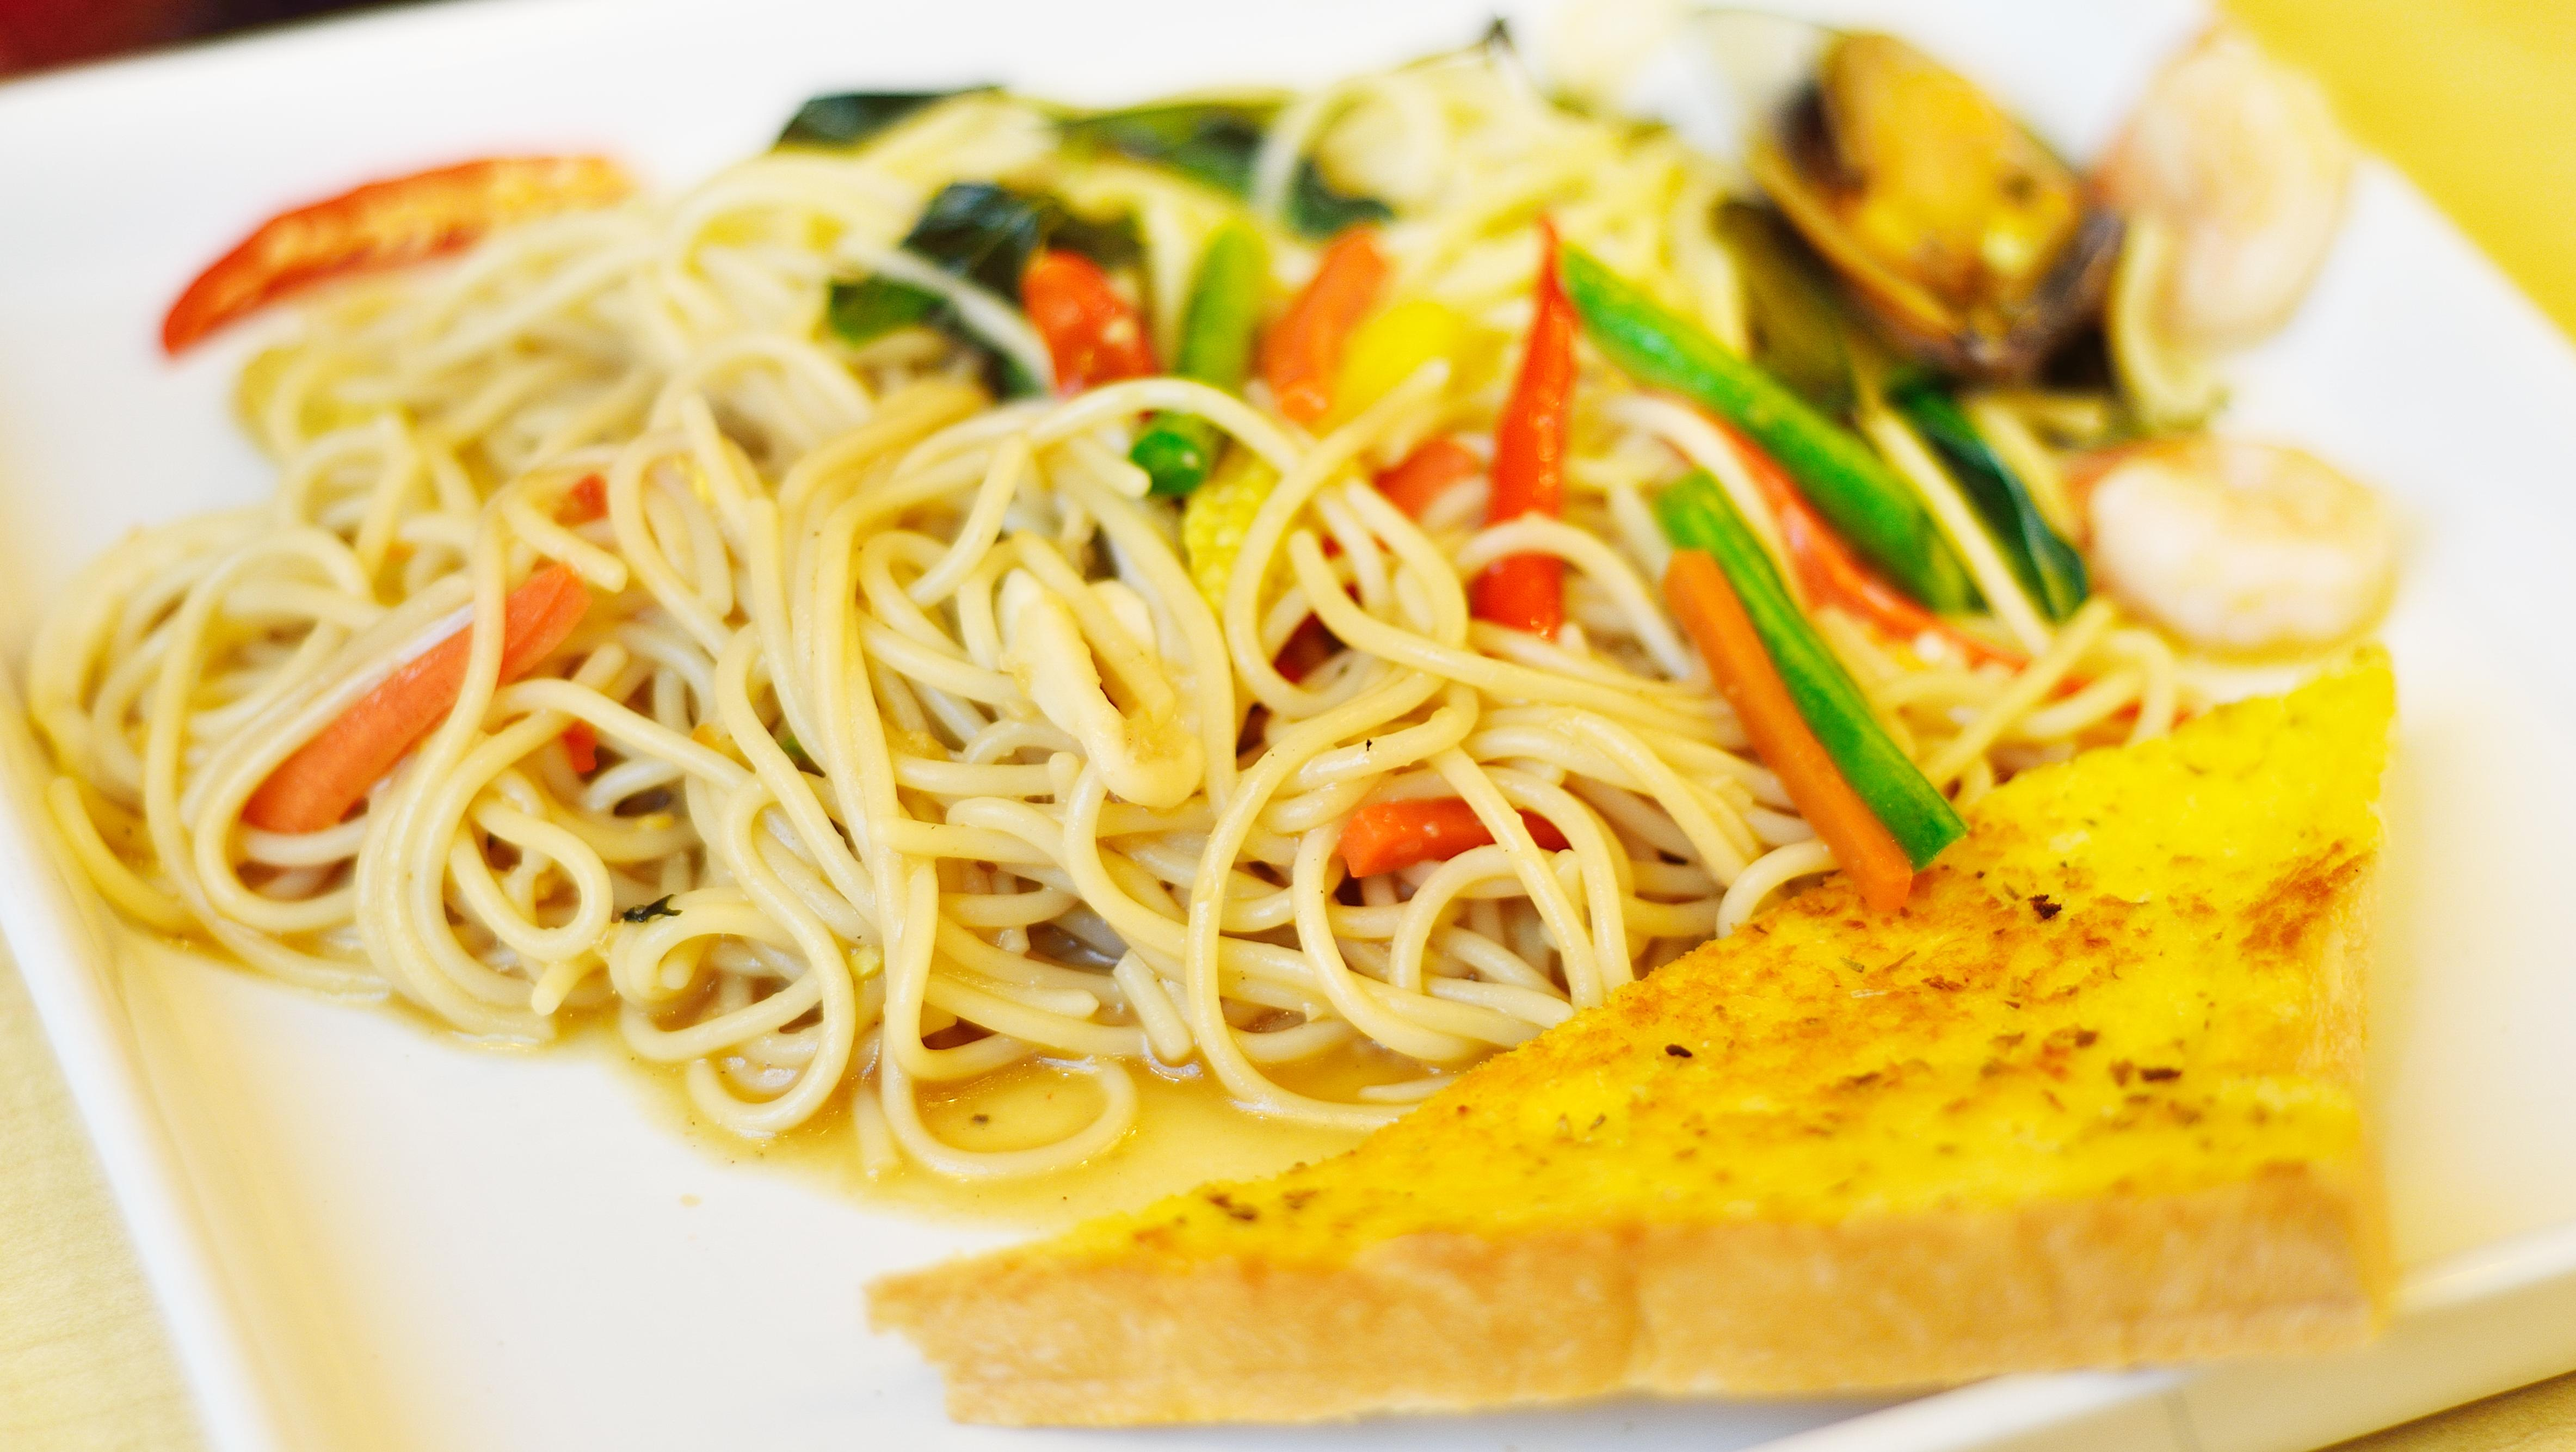 Brevkasse: Er brød, ris og pasta forbudt på slankekuren? | Mit Liv | DR